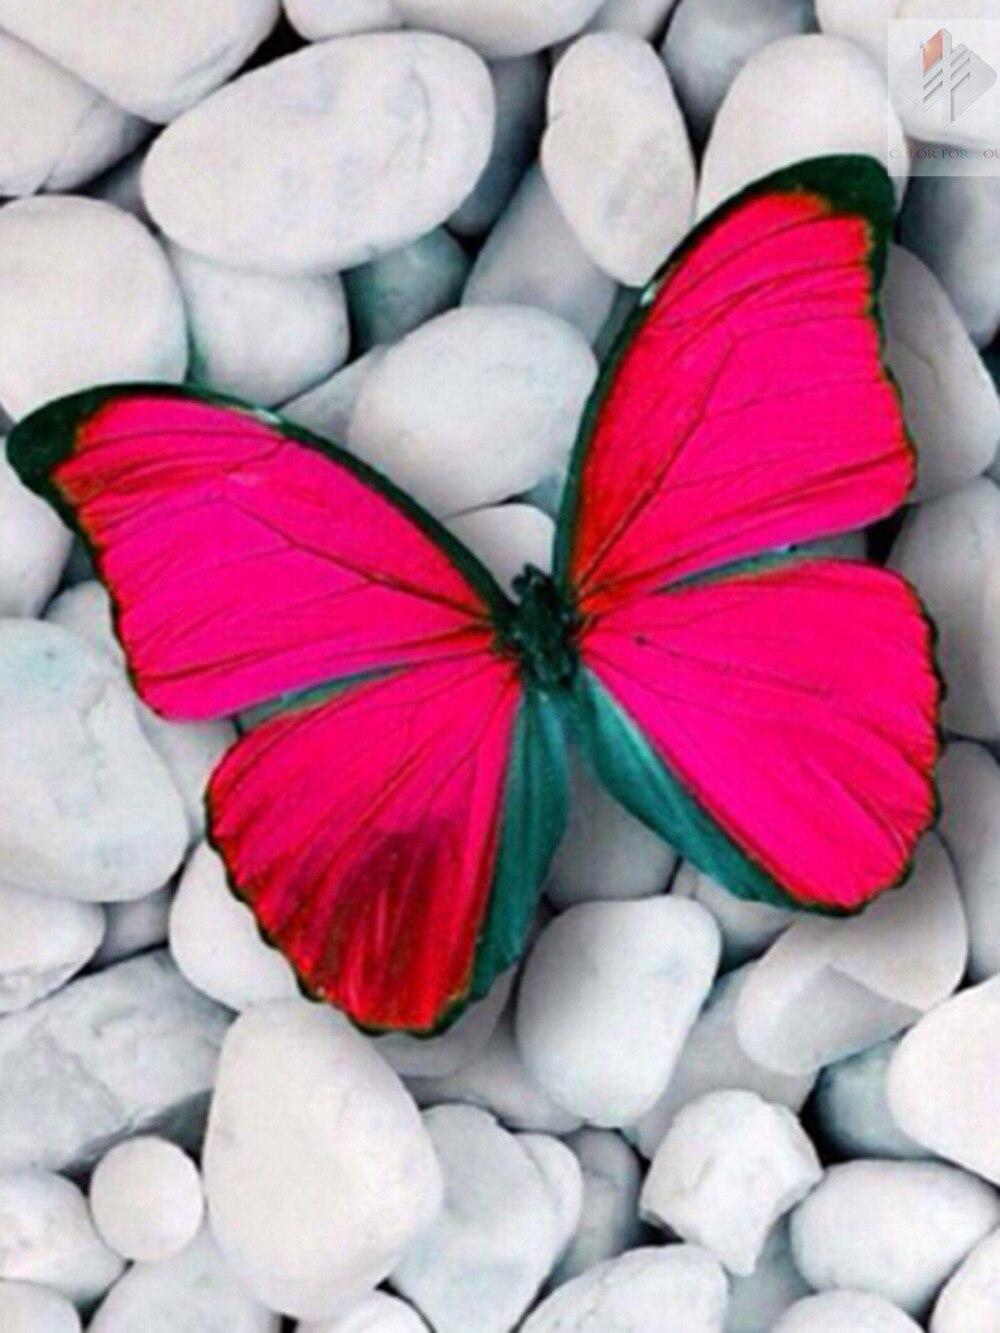 diy gyémánt festés pillangók négyzet strasszos keresztöltés 5d - Művészet, kézművesség és varrás